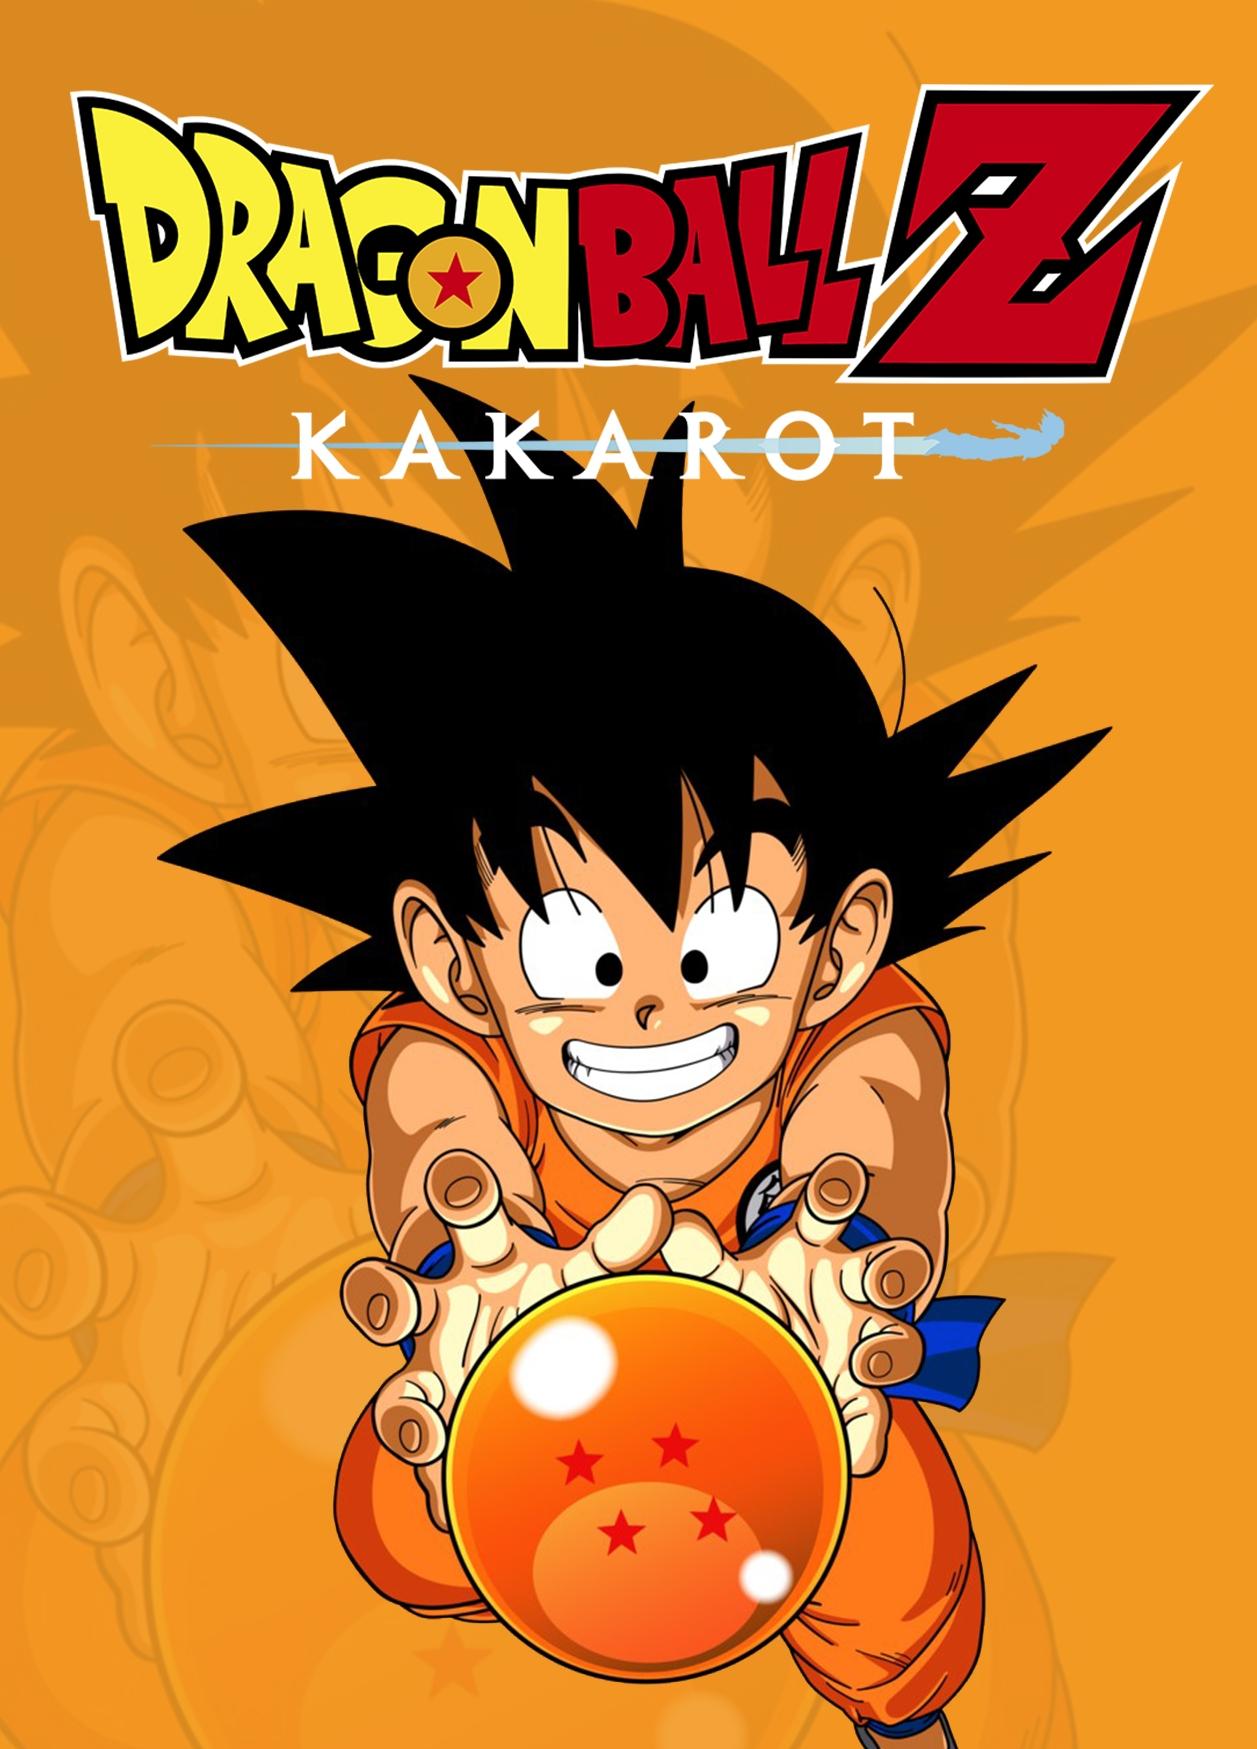 Buy Dragon Ball Z Kakarot Steam avec Dessin Animé De Dragon Ball Z